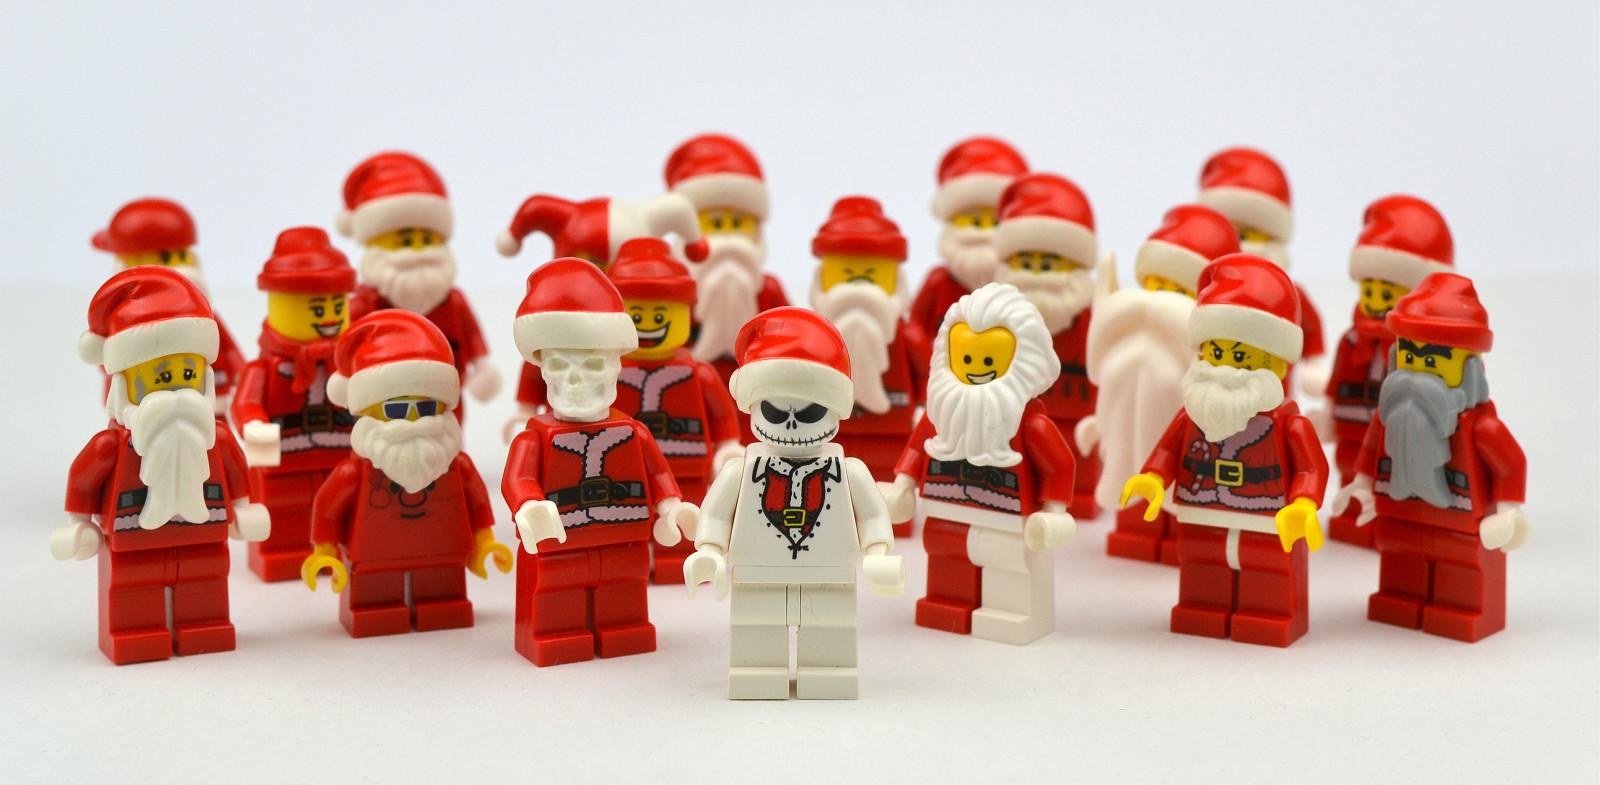 Hintergrundbilder : rot, LEGO, Spielzeug, Urlaub, Jack, glücklich ...